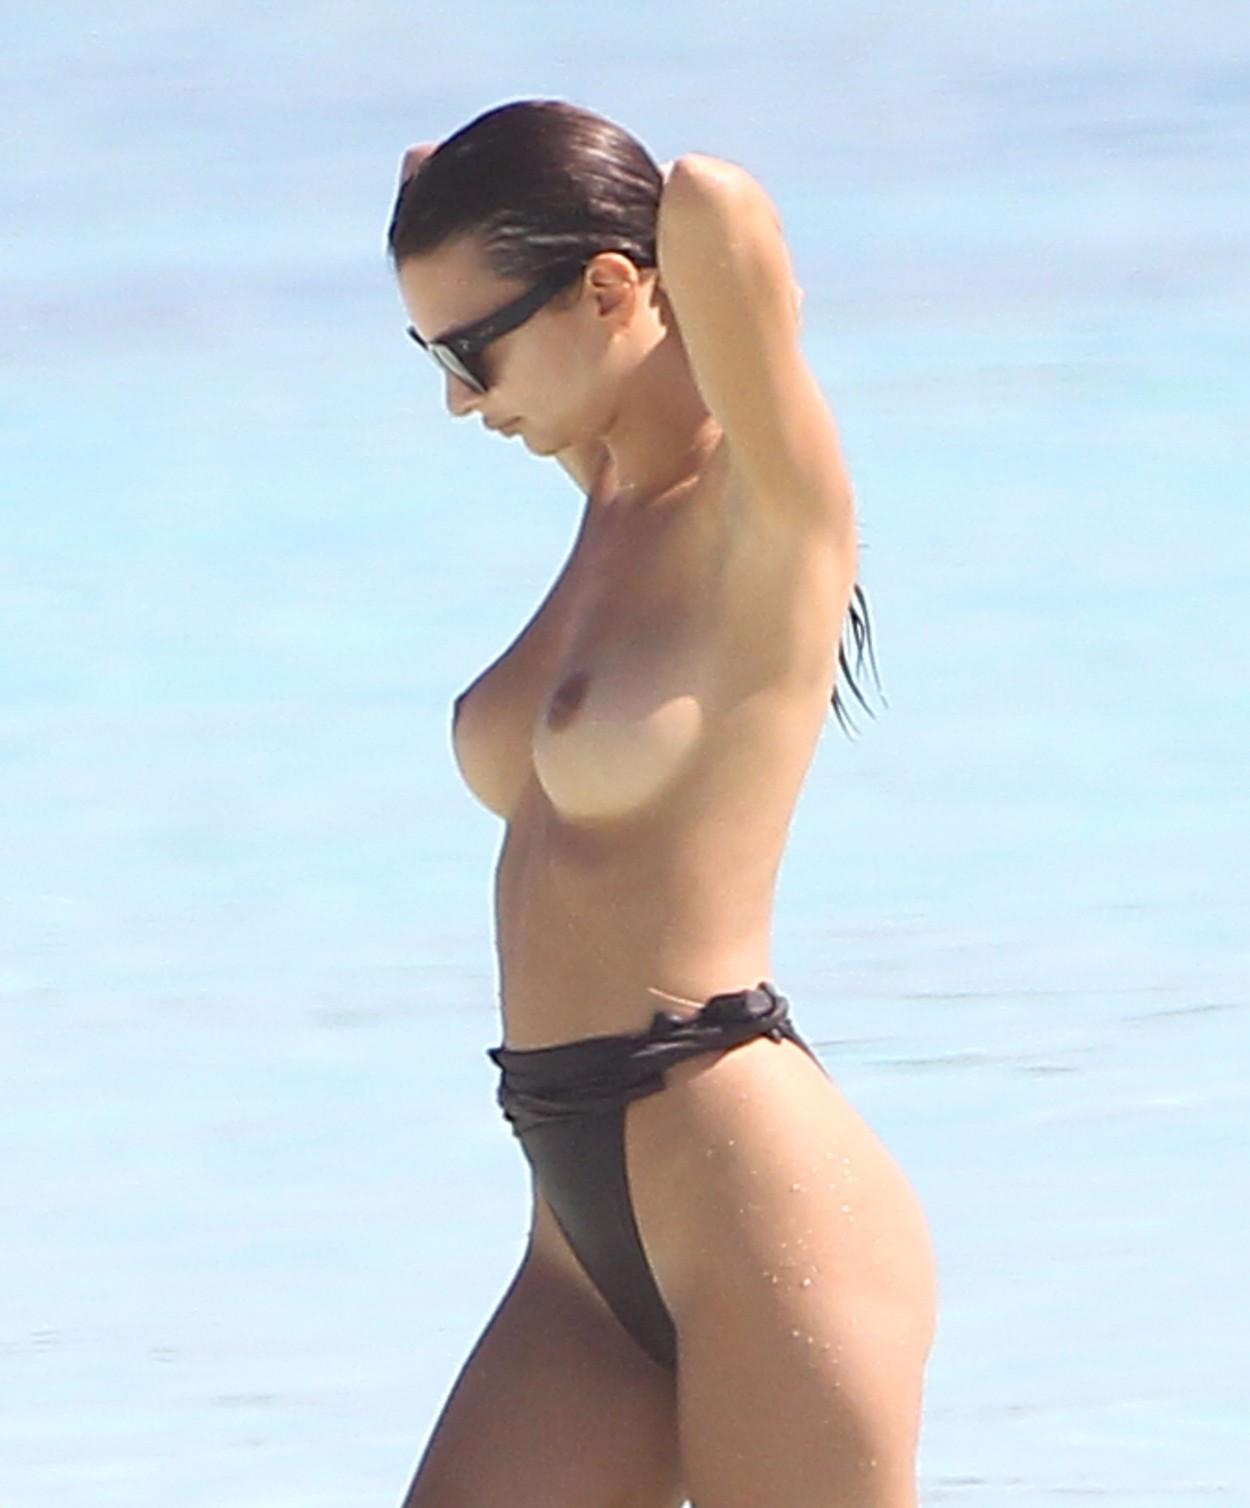 beach Emily ratajkowski topless